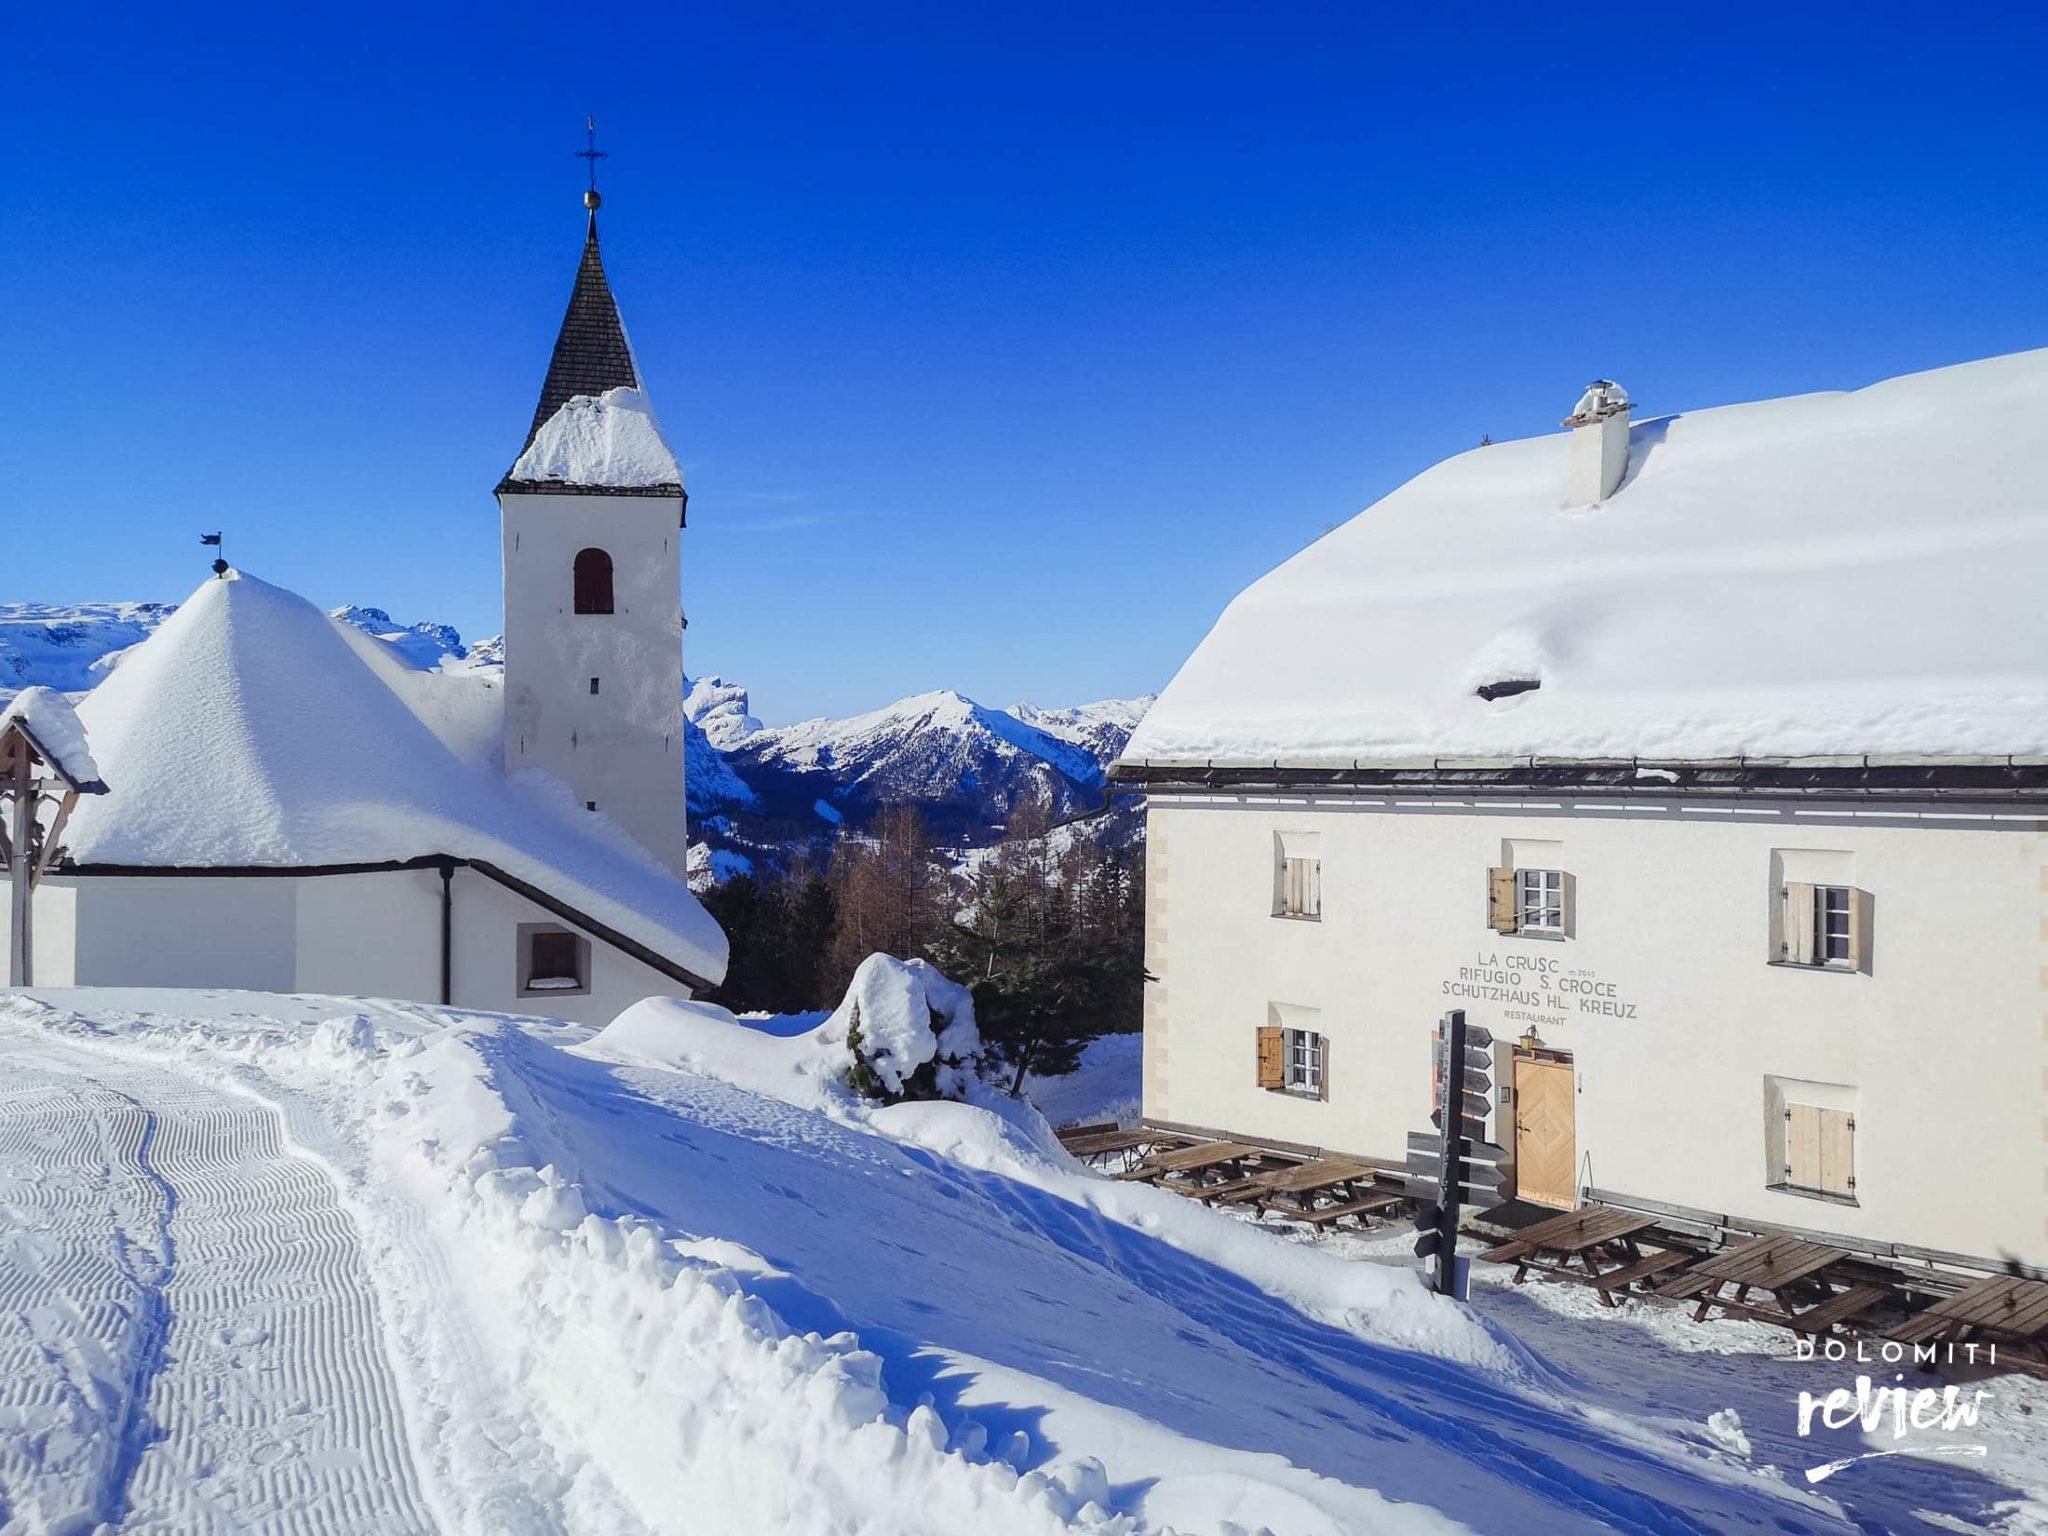 Santuario e Rifugio Santa Croce, Alta Badia, in inverno